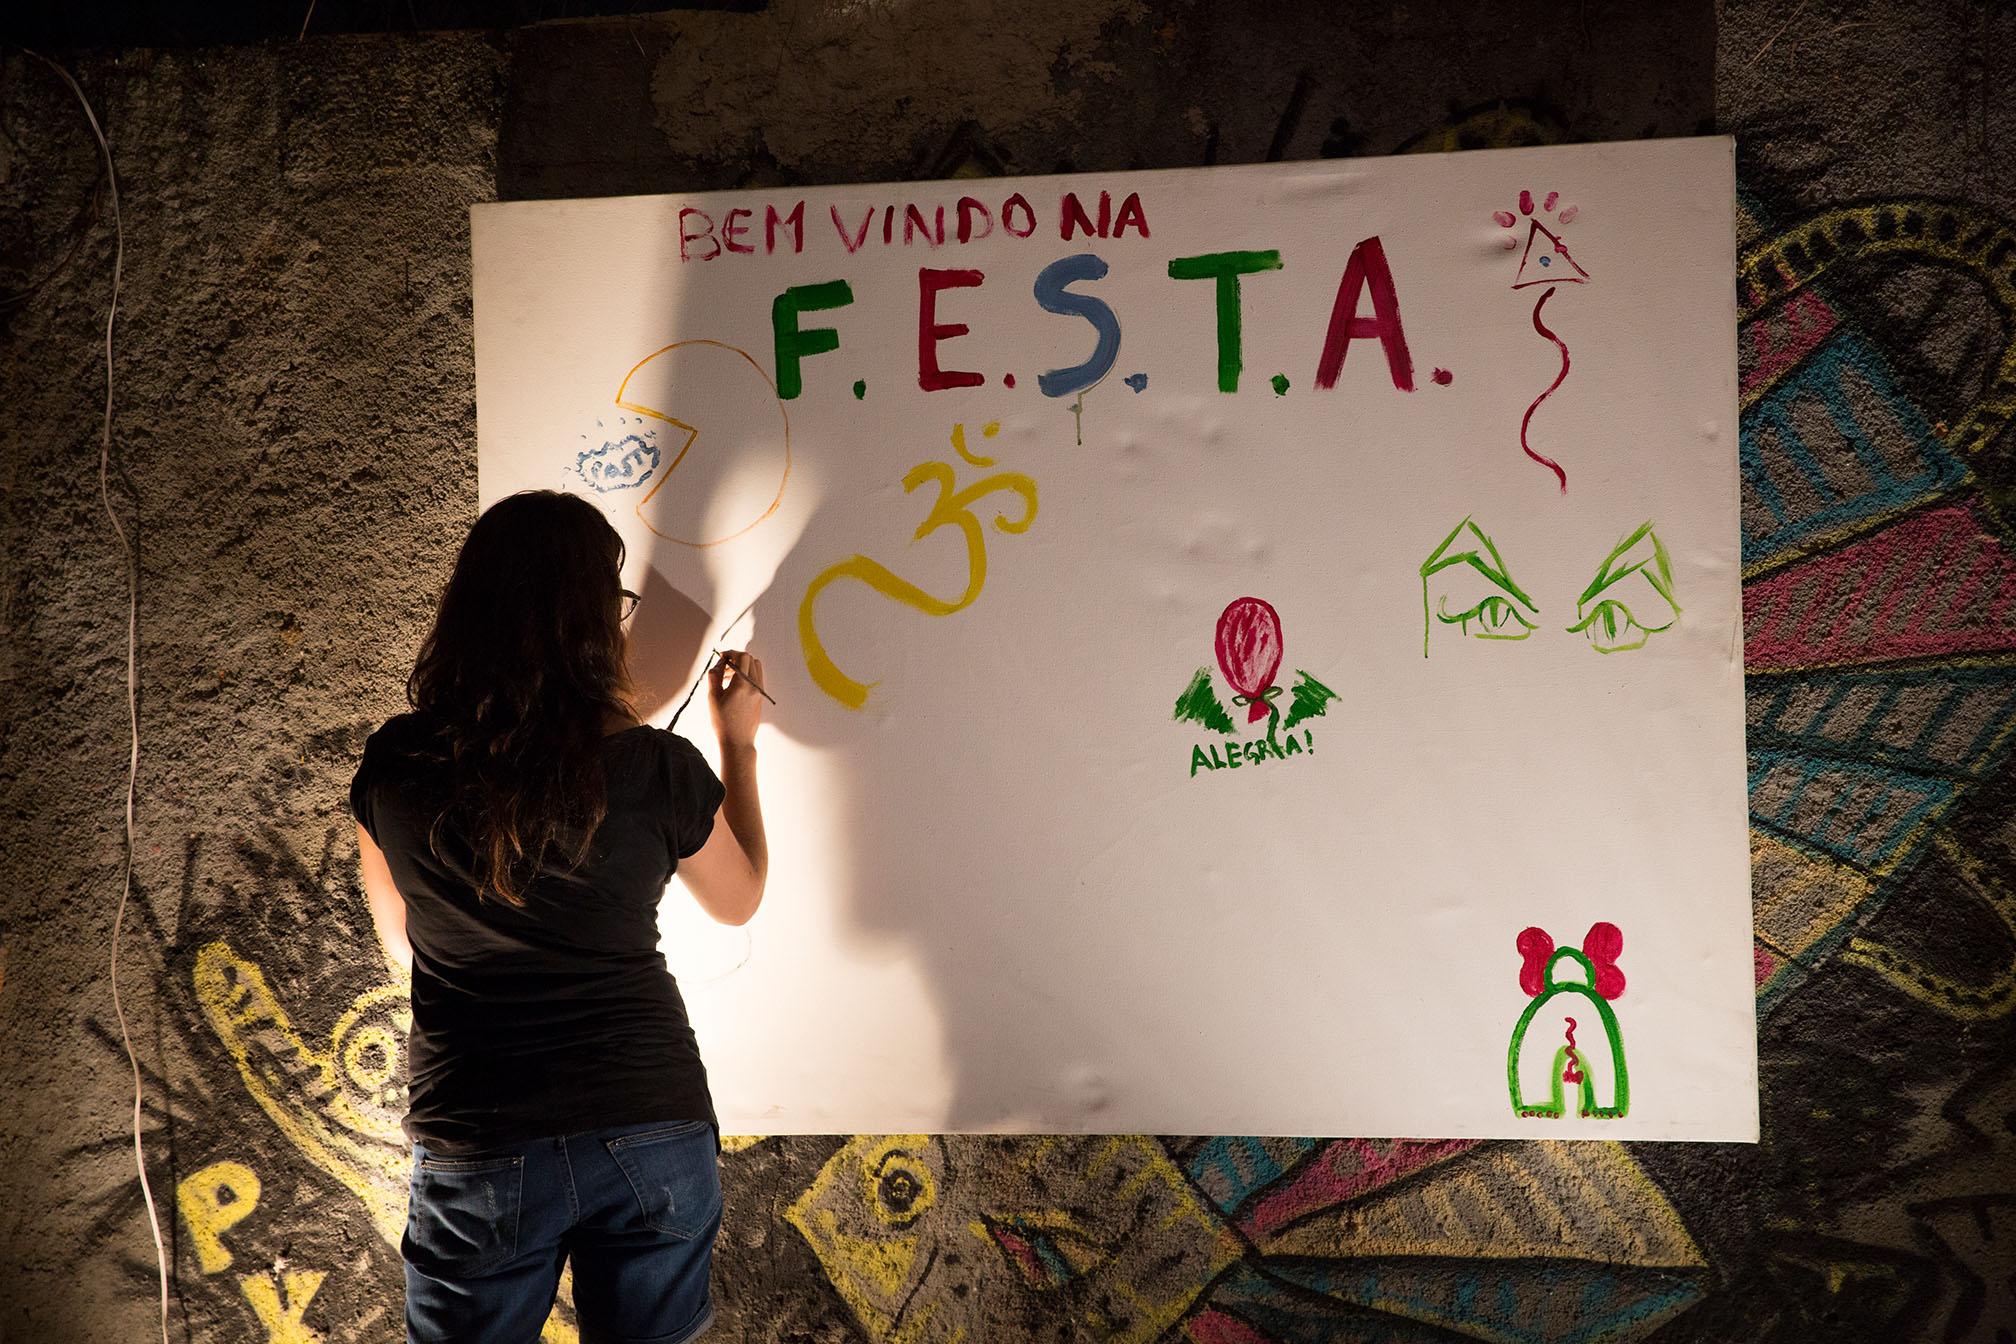 FESTA_053.jpg